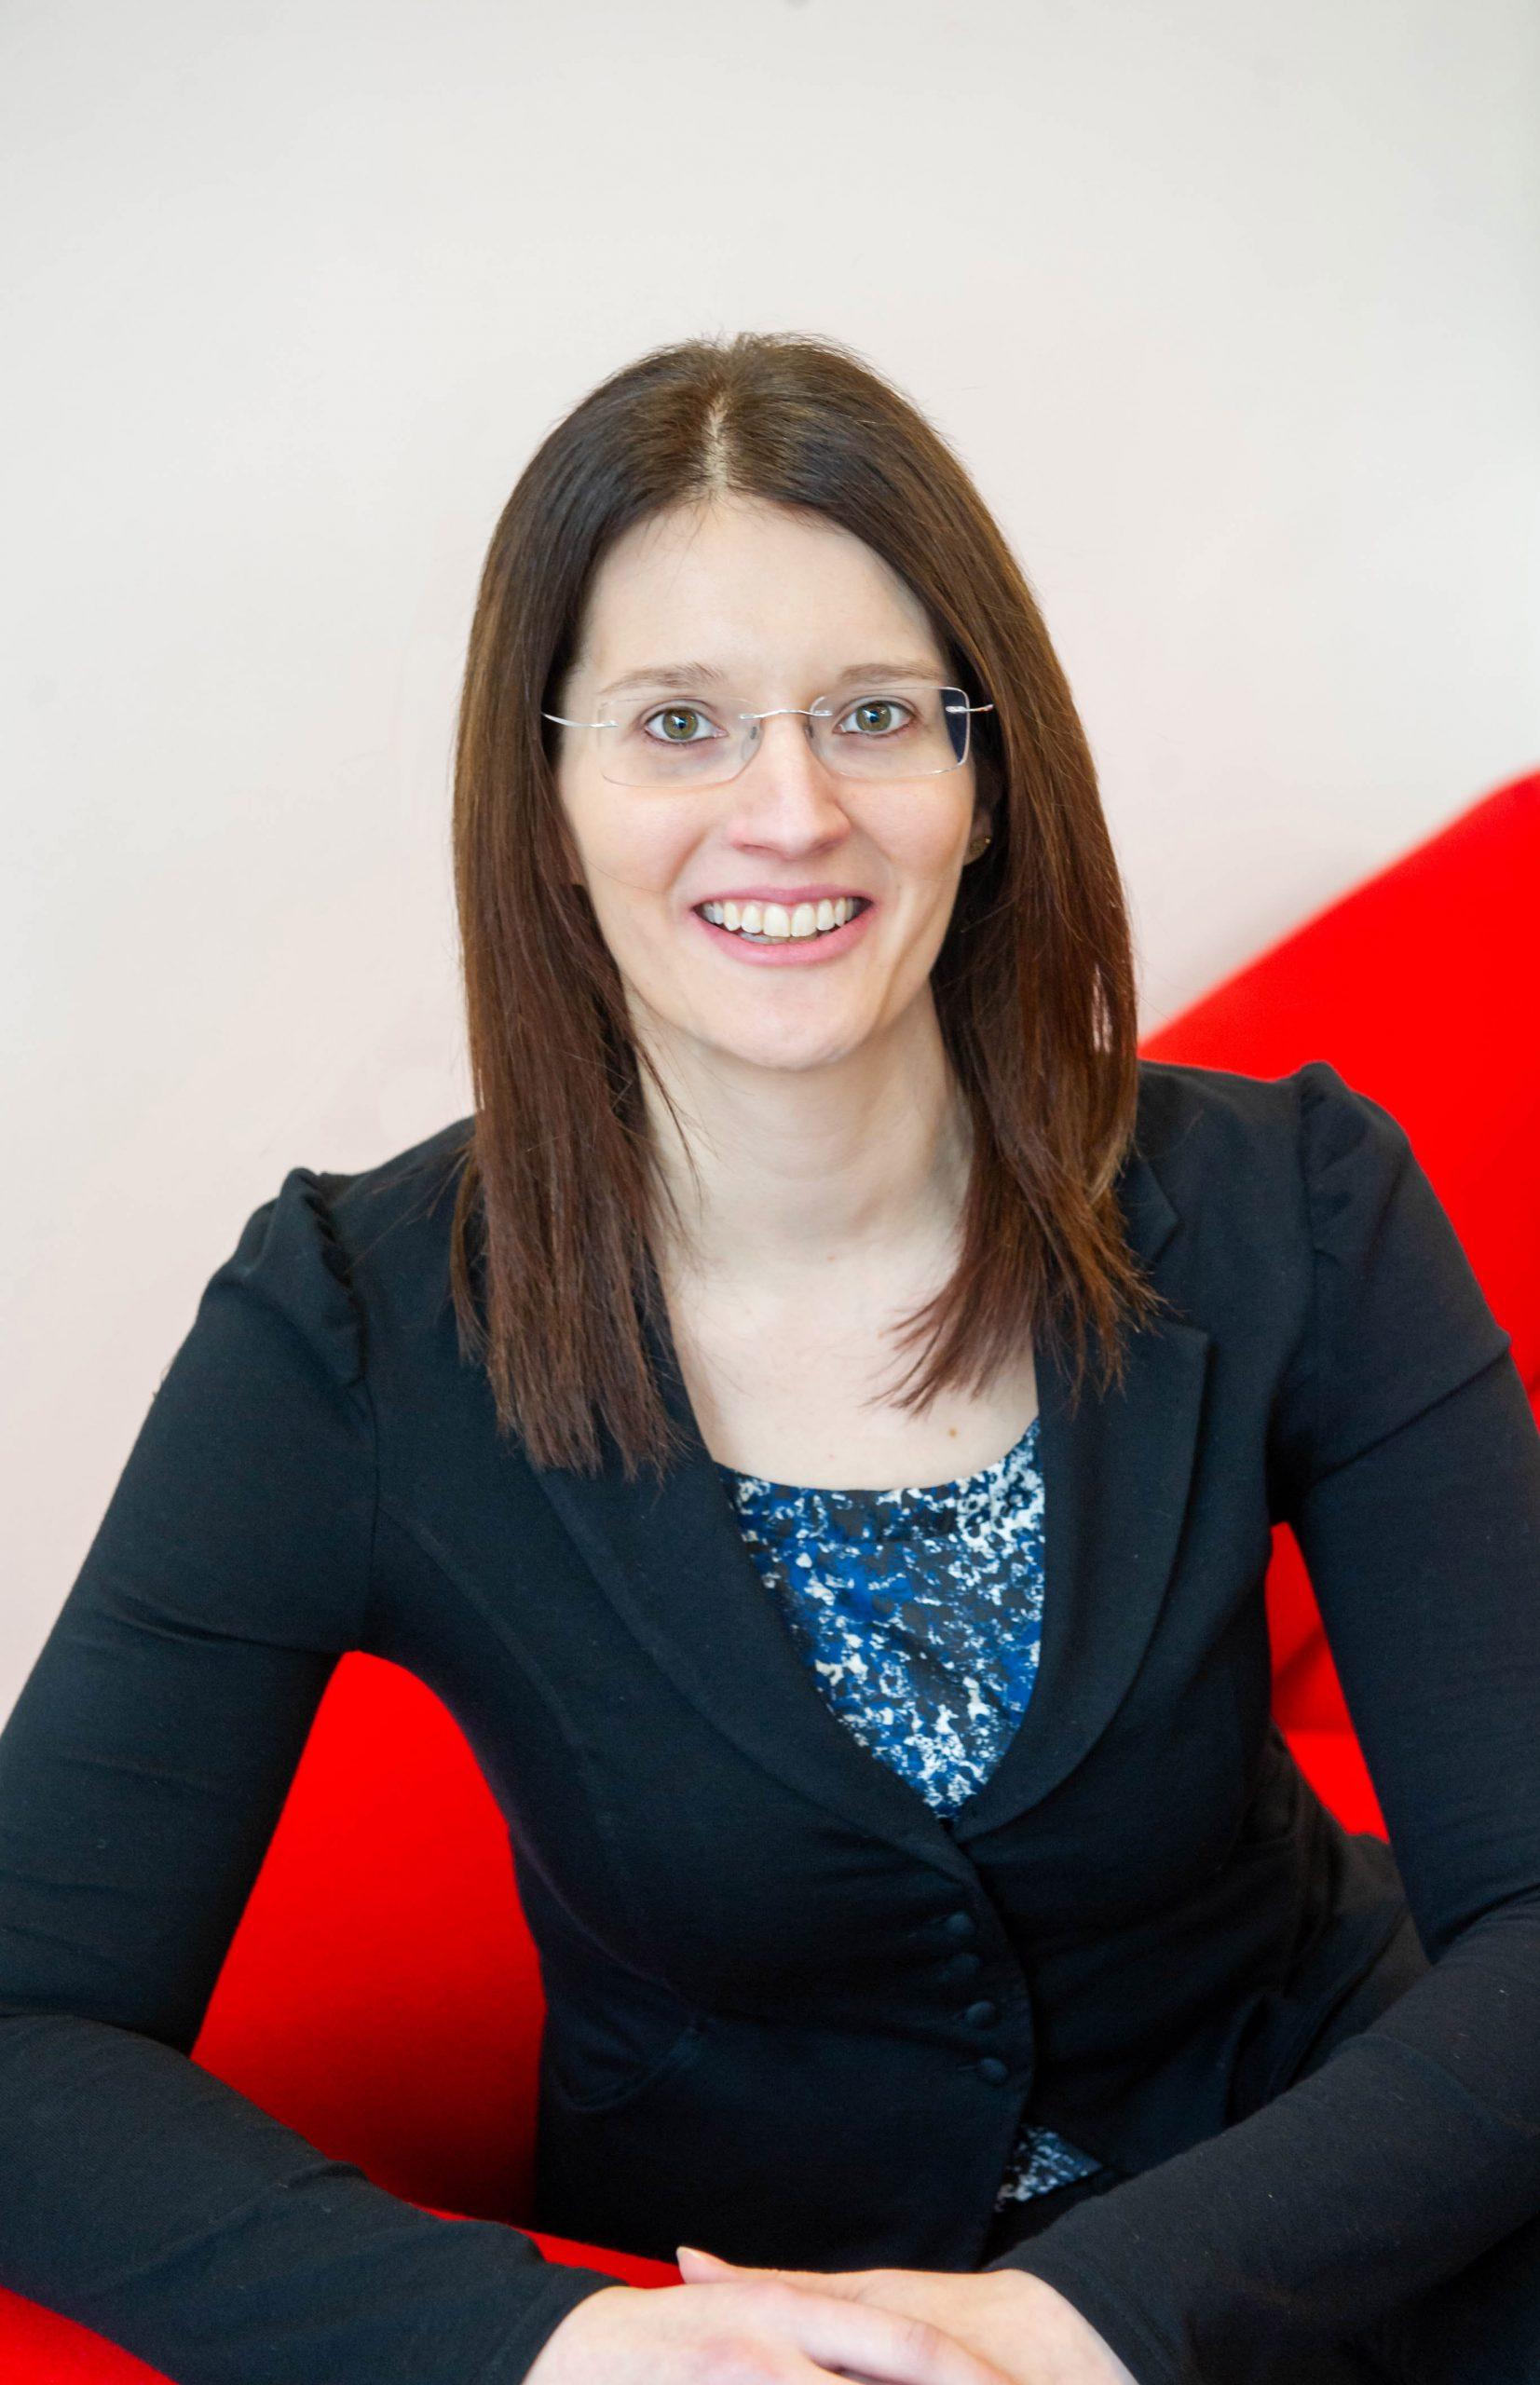 Katrina Novakovic